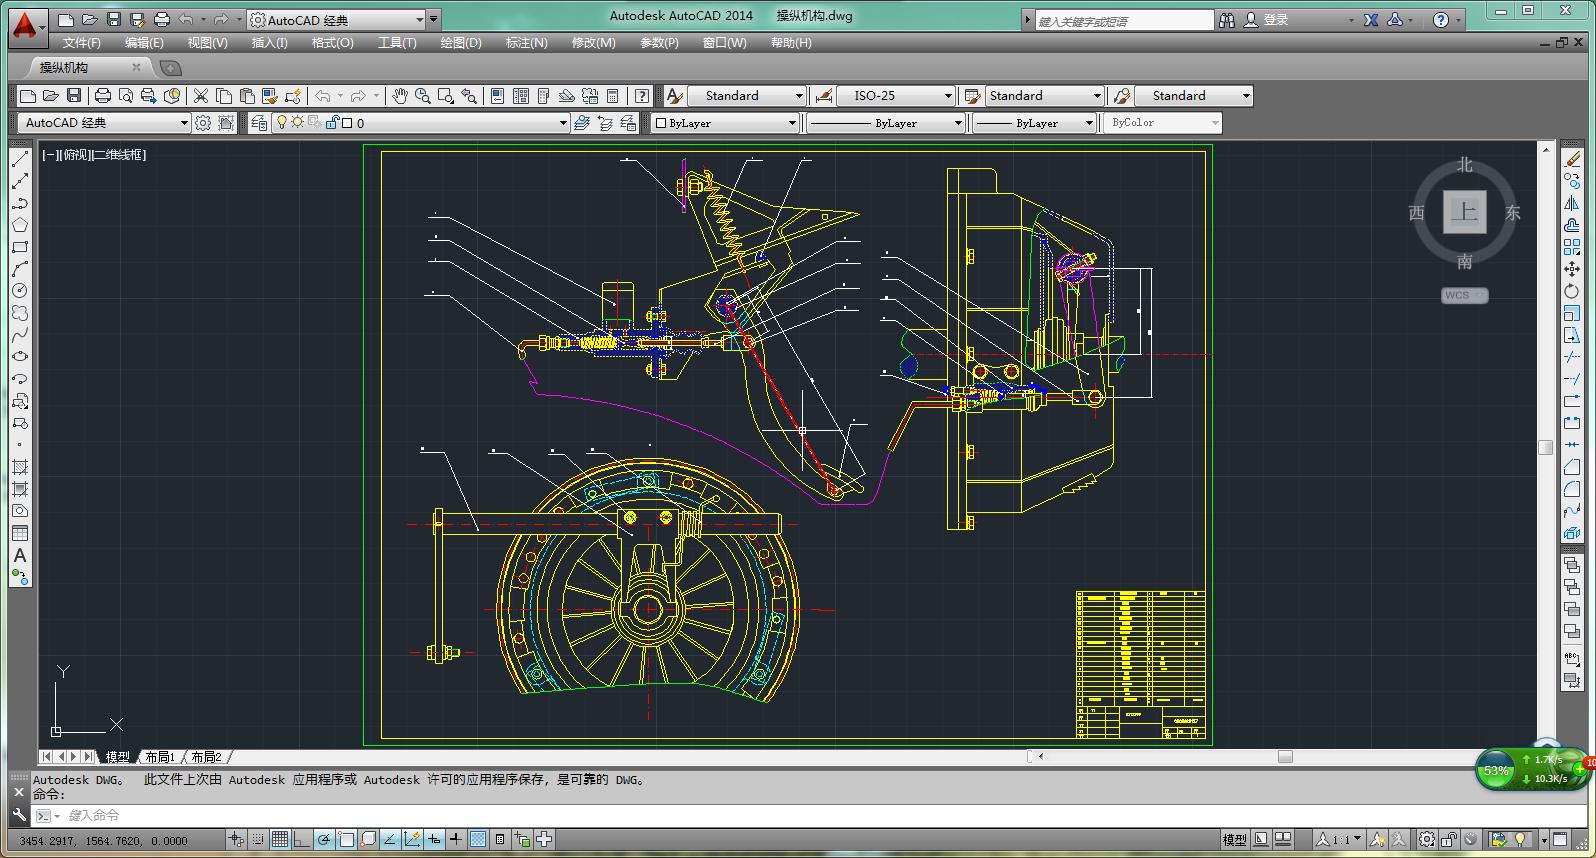 离合器工作原理图 发电机的工作原理图 电磁阀工作原理图 高清图片